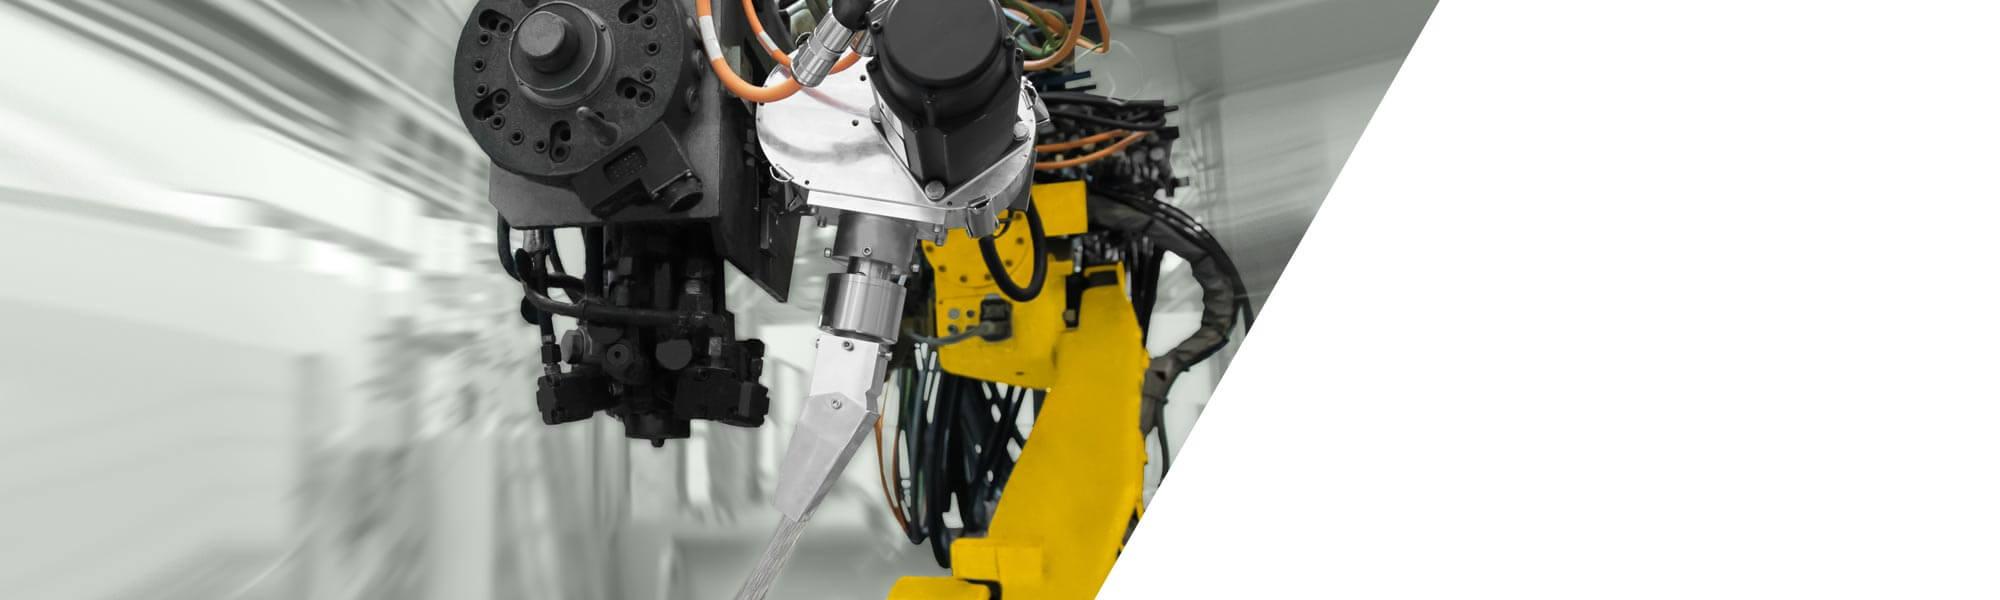 폴리우레탄 스프레이 프로세싱에서 혁신적인 아이디어를 위한 설비 디자인 컨셉과 고효율의 생산 셀